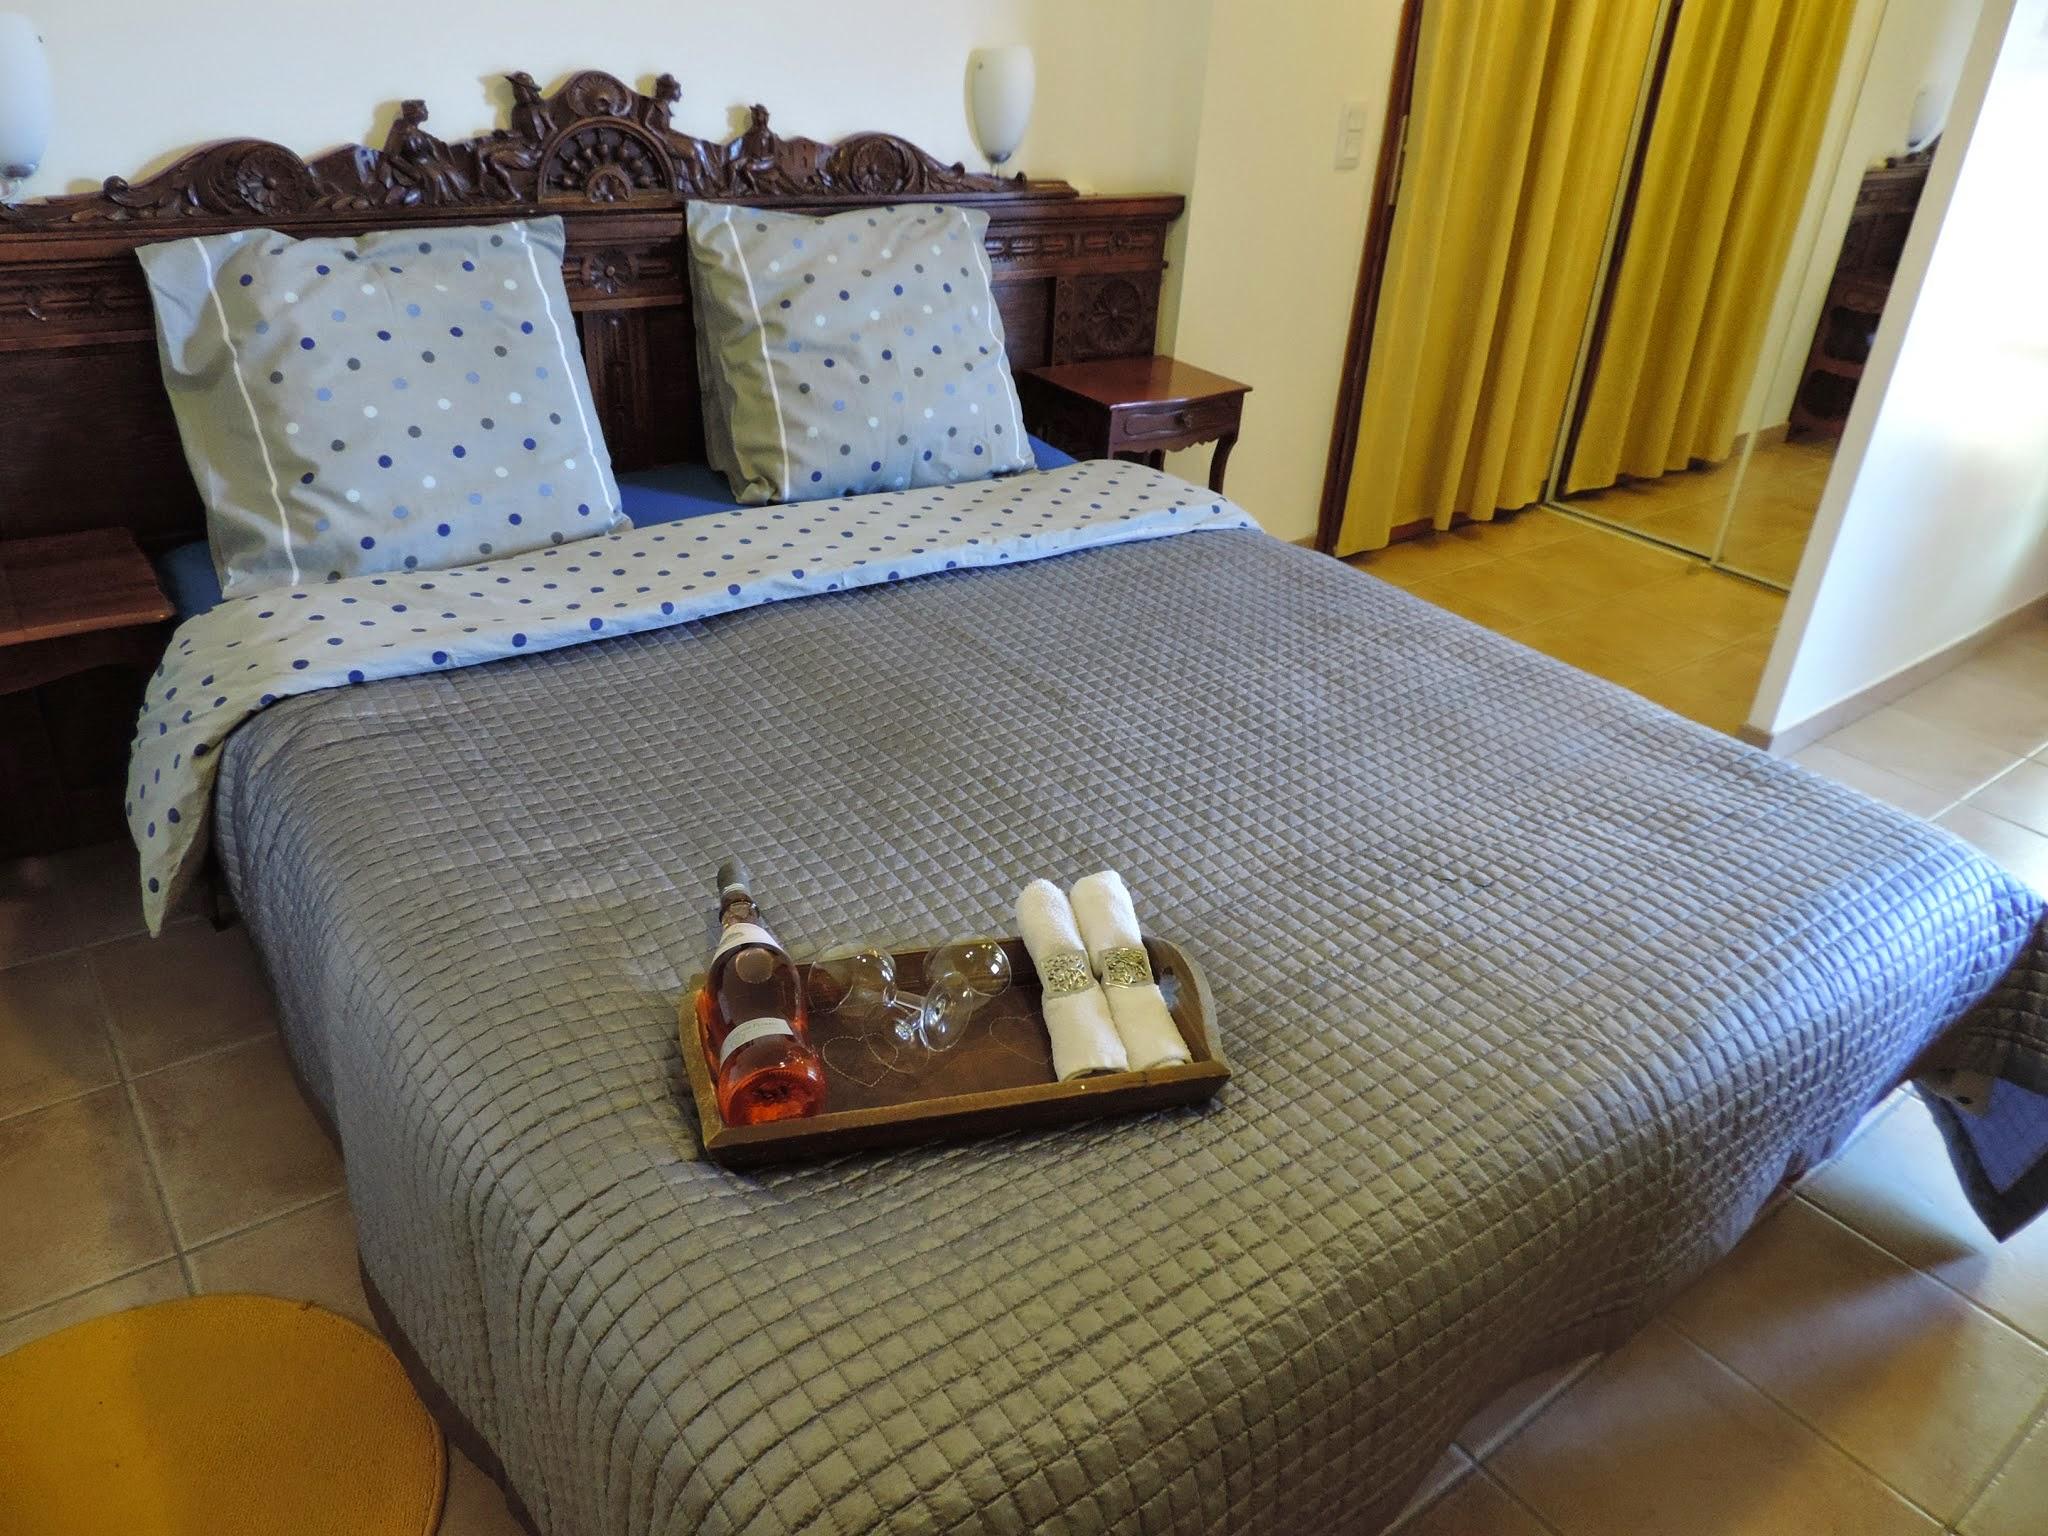 מיטה מודרנית עם ראש עתיק